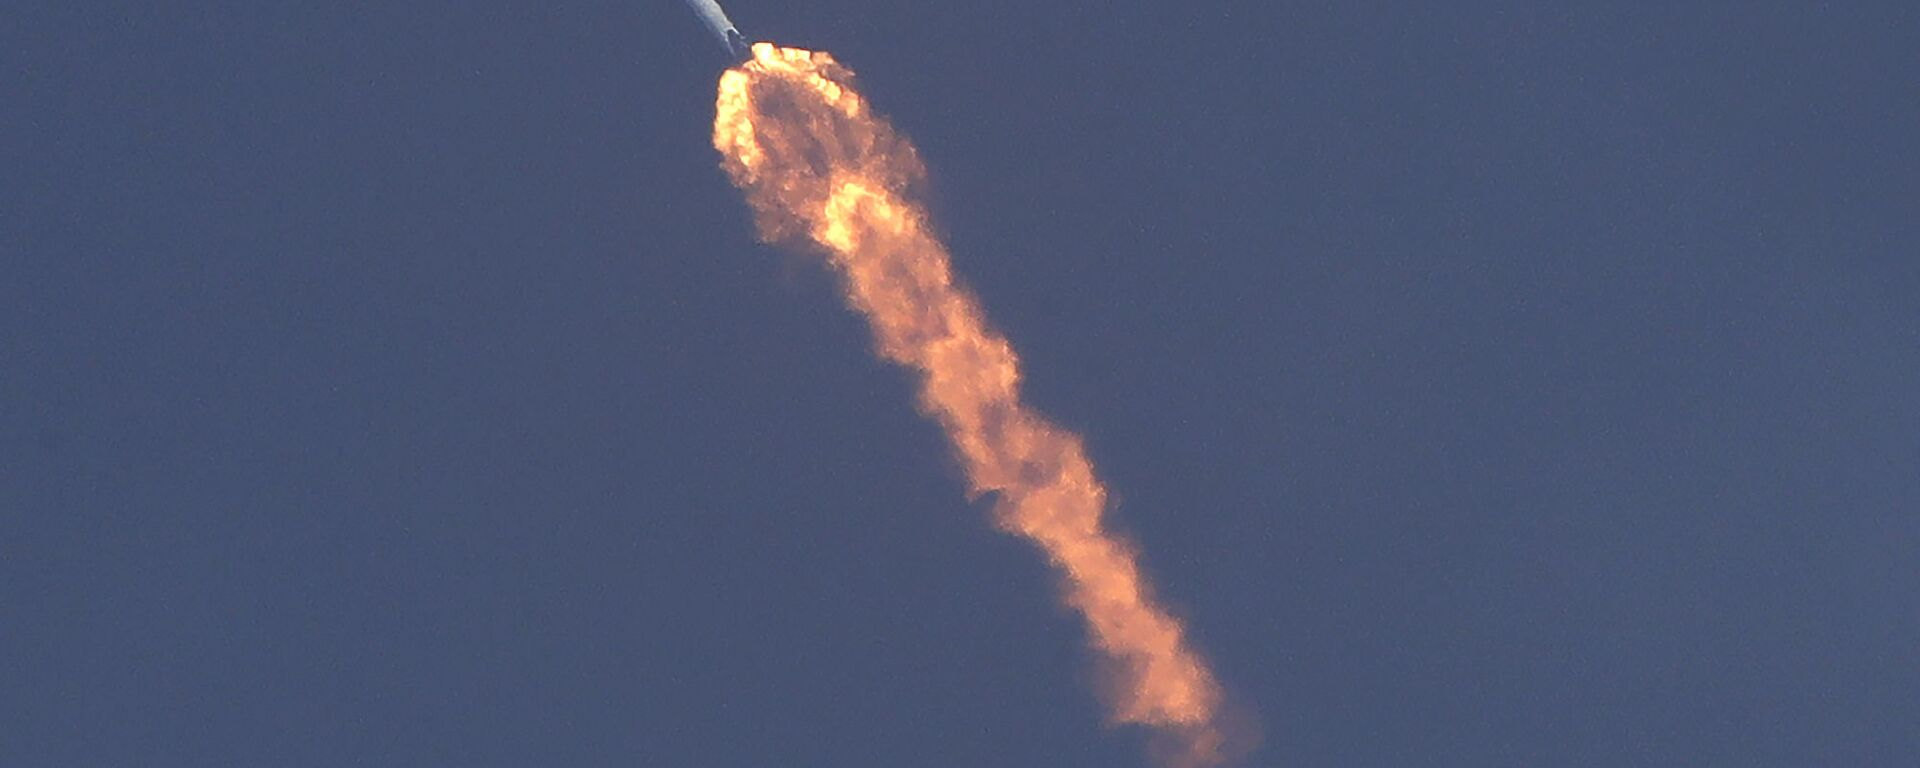 La navicella Crew Dragon, sviluppata dalla SpaceX di Elon Musk, in volo verso la ISS. - Sputnik Italia, 1920, 02.06.2021